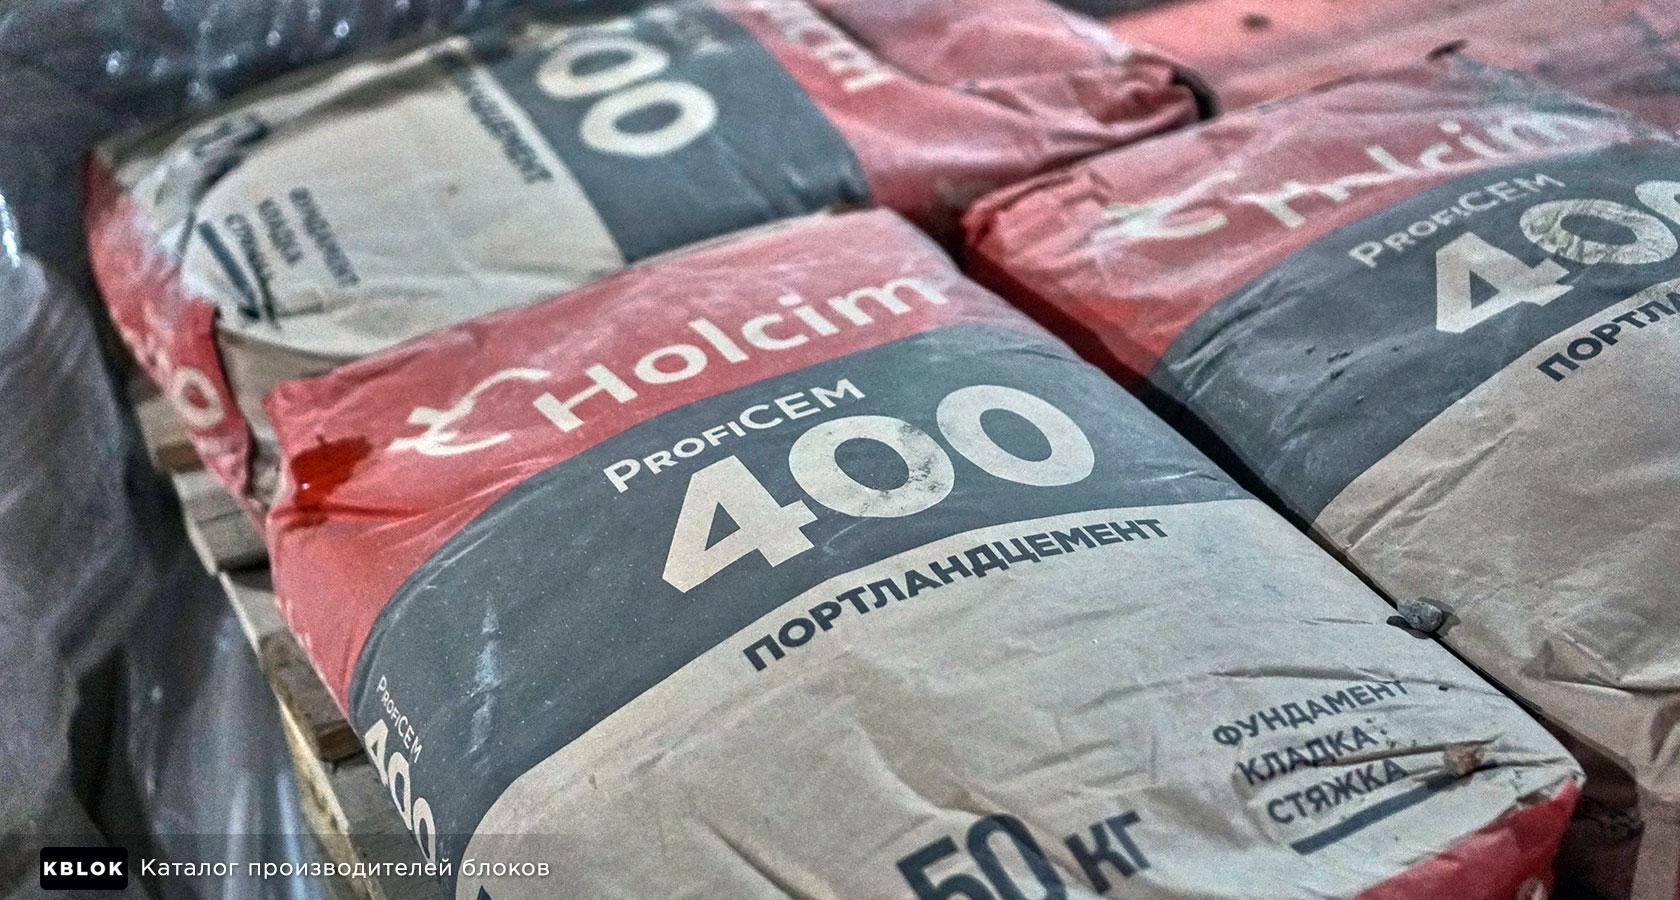 цемент марки М400 Holcim